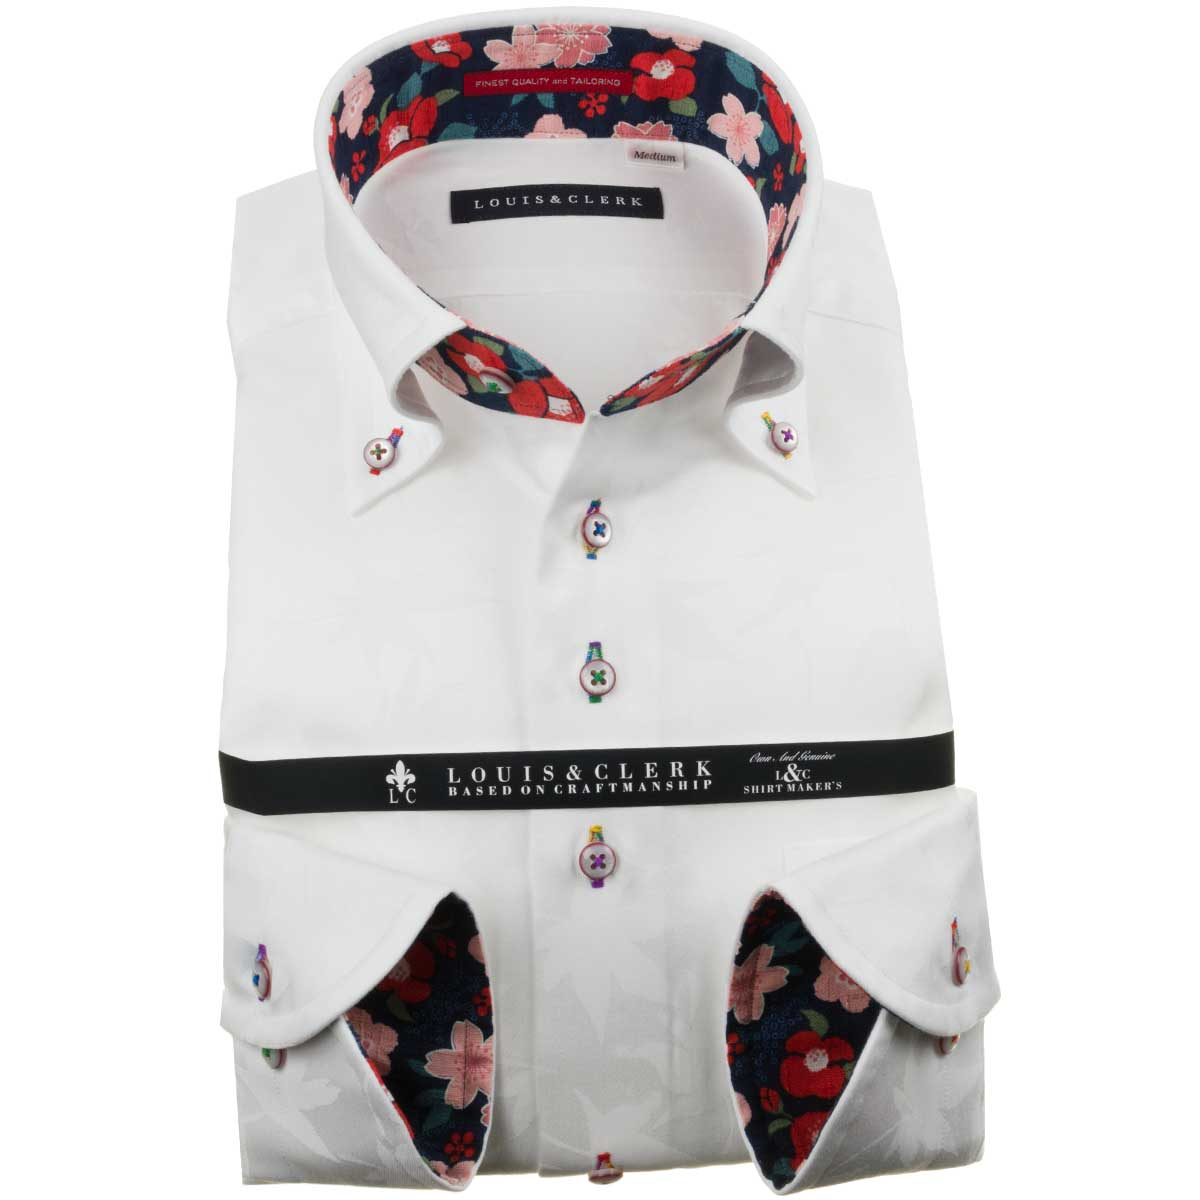 国産長袖純綿ドレスシャツ コンフォート ボタンダウンカラー ホワイト ジャガード織柄 紅葉 もみじ メイプルメンズ fs3gm